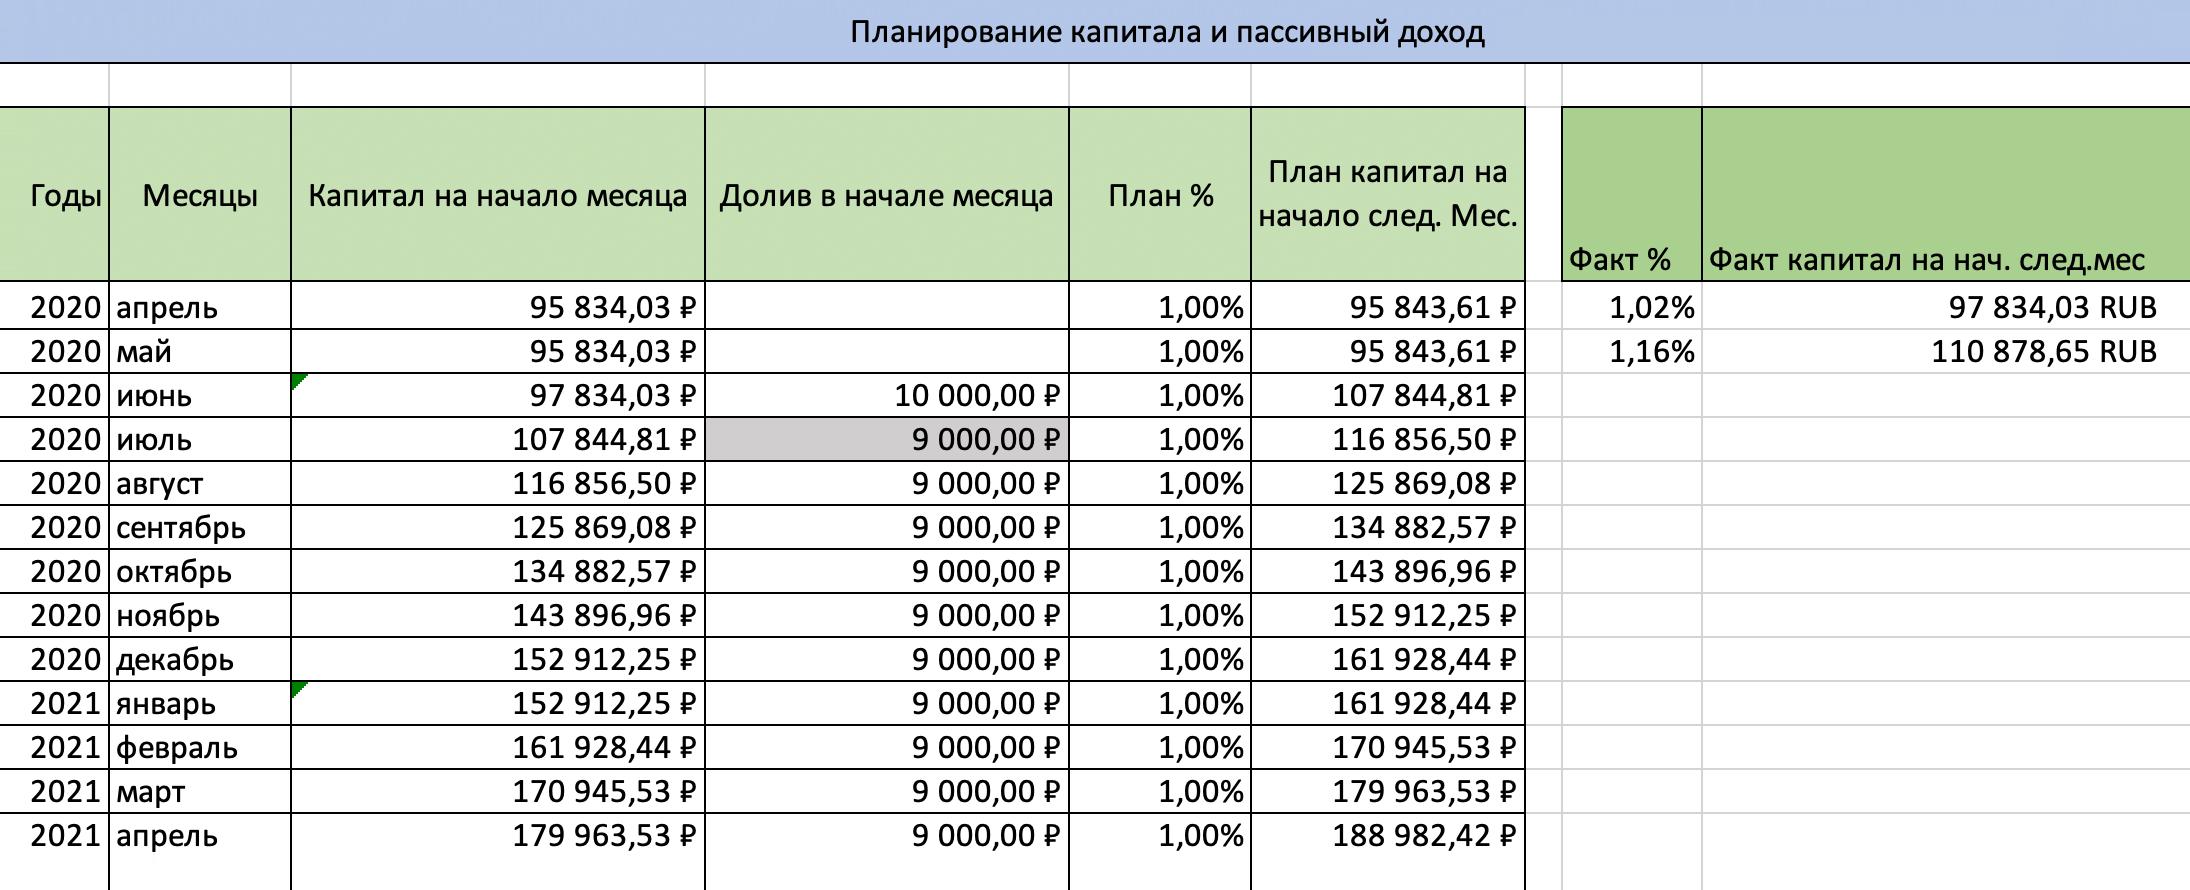 Таблица с моим капиталом — планирую за год увеличить его в два раза